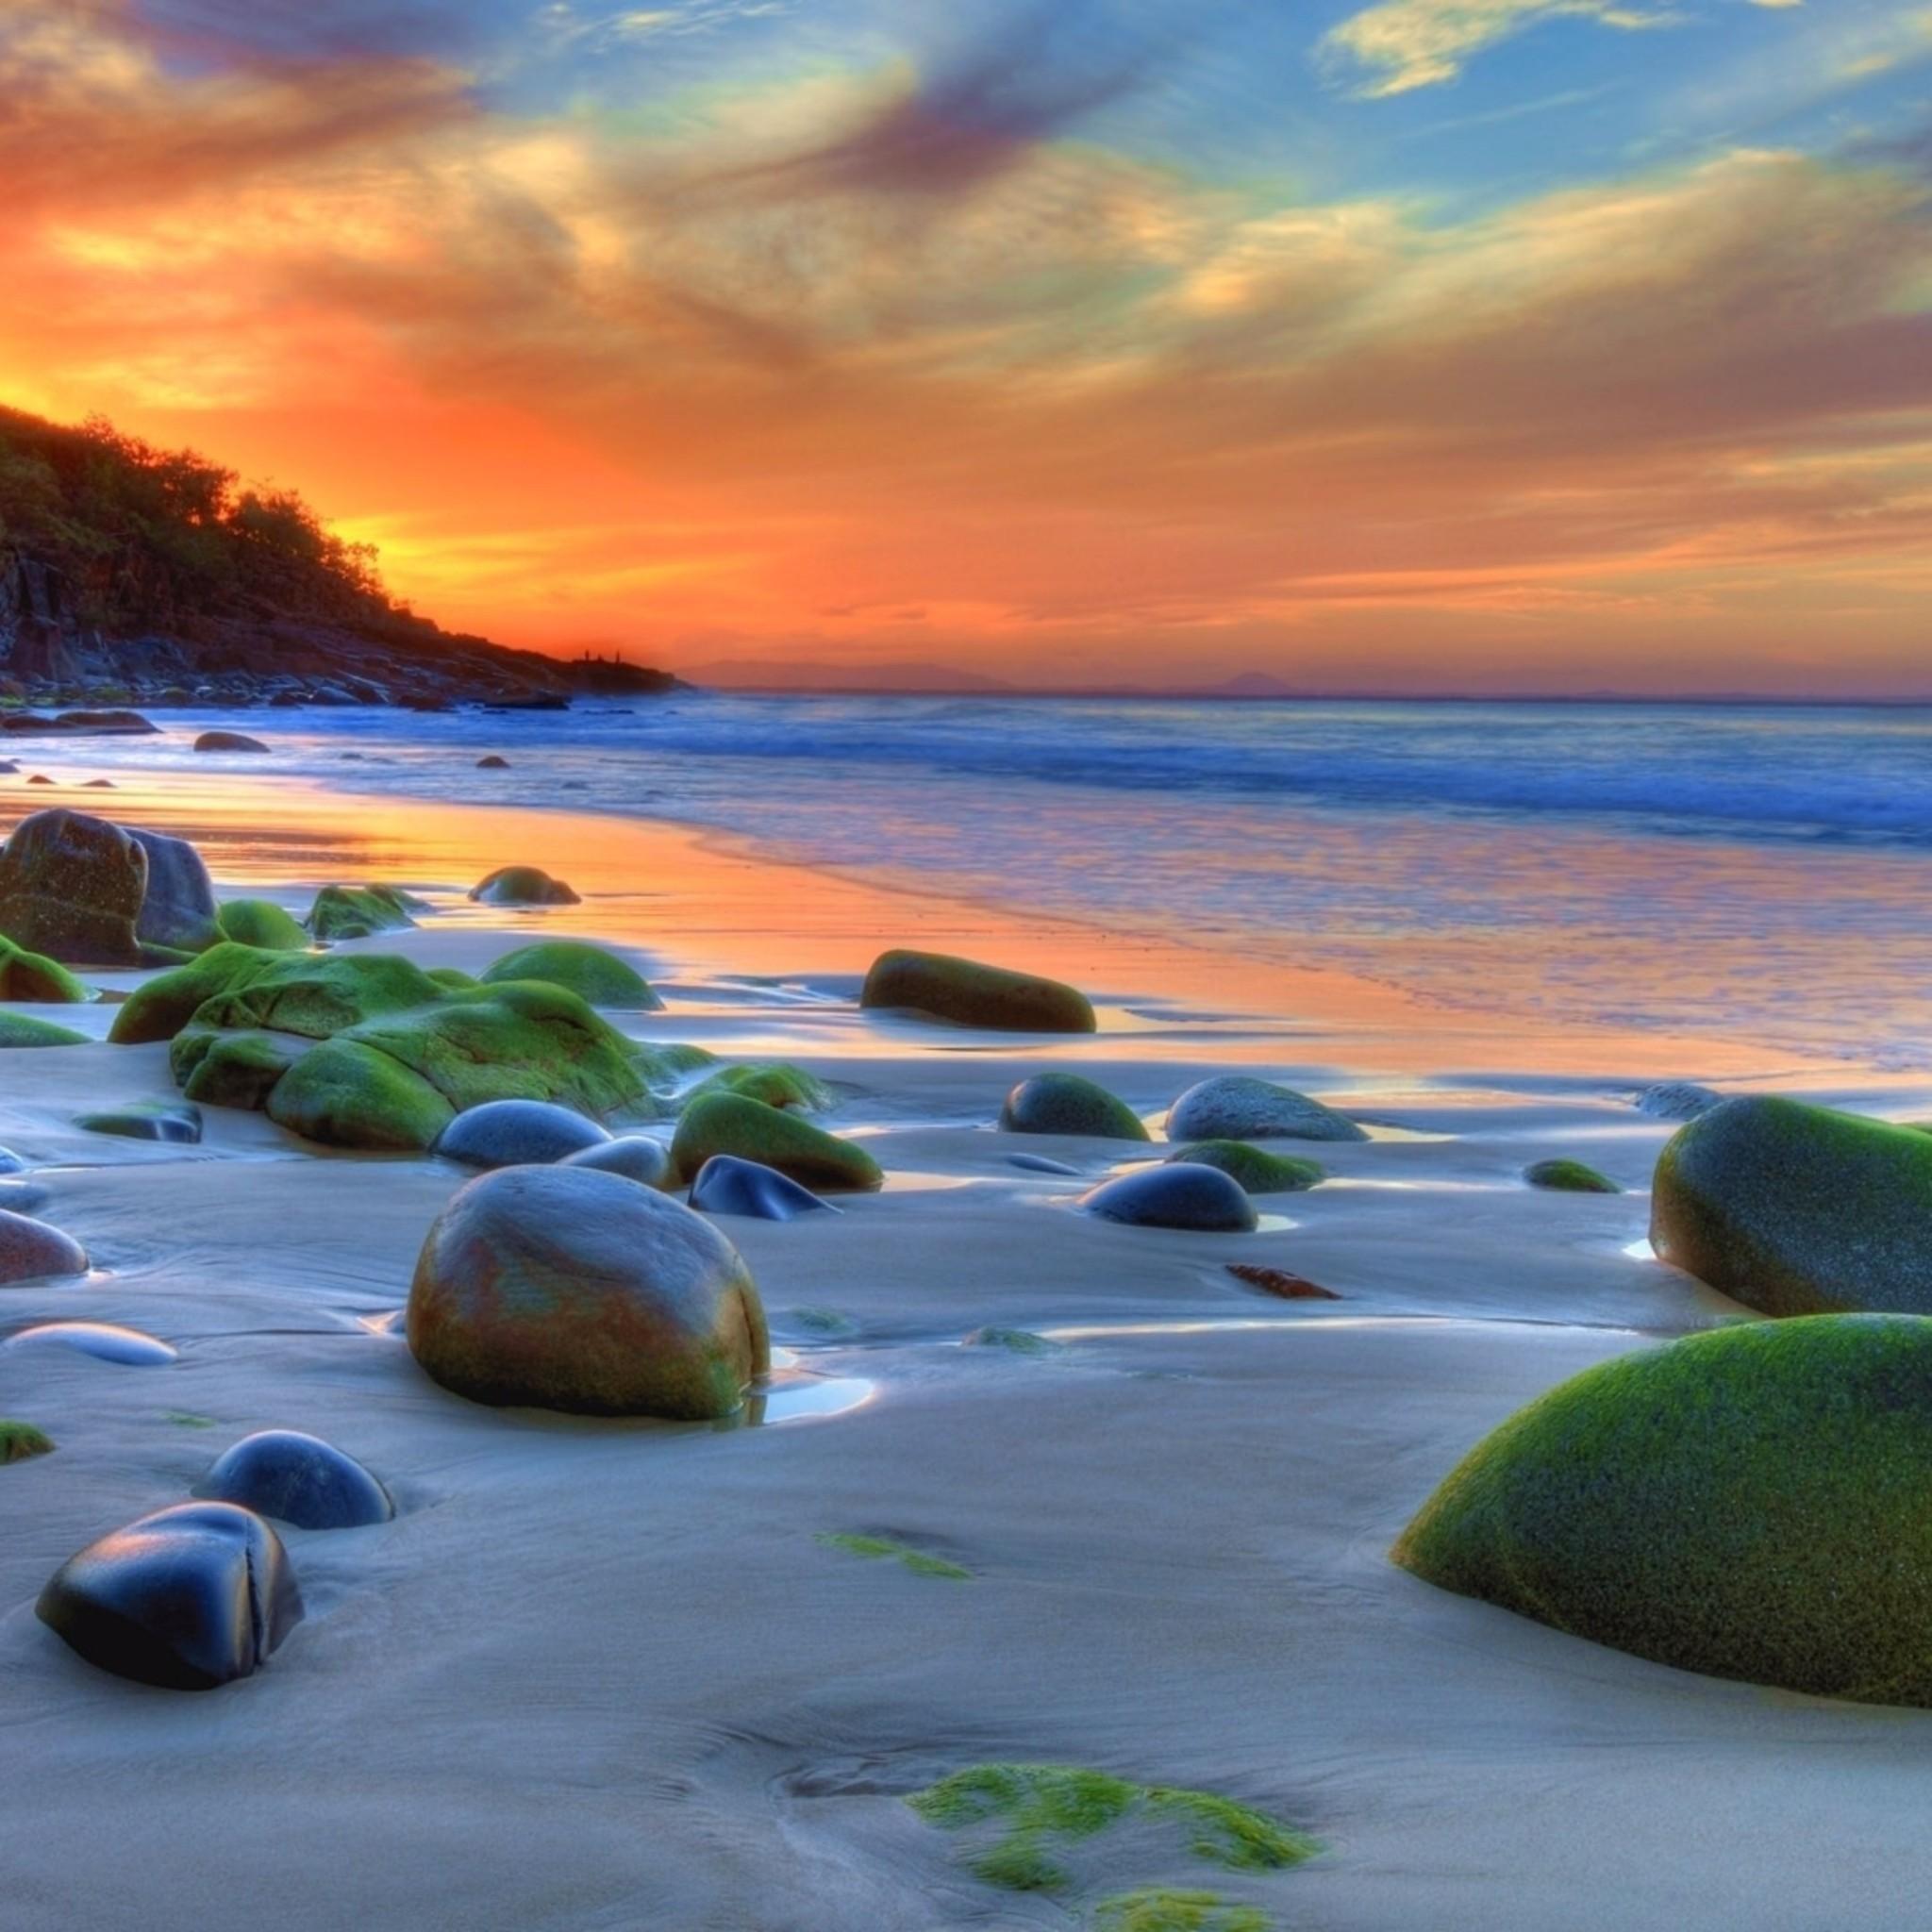 Related to Best Ocean Sunset 4K Wallpaper